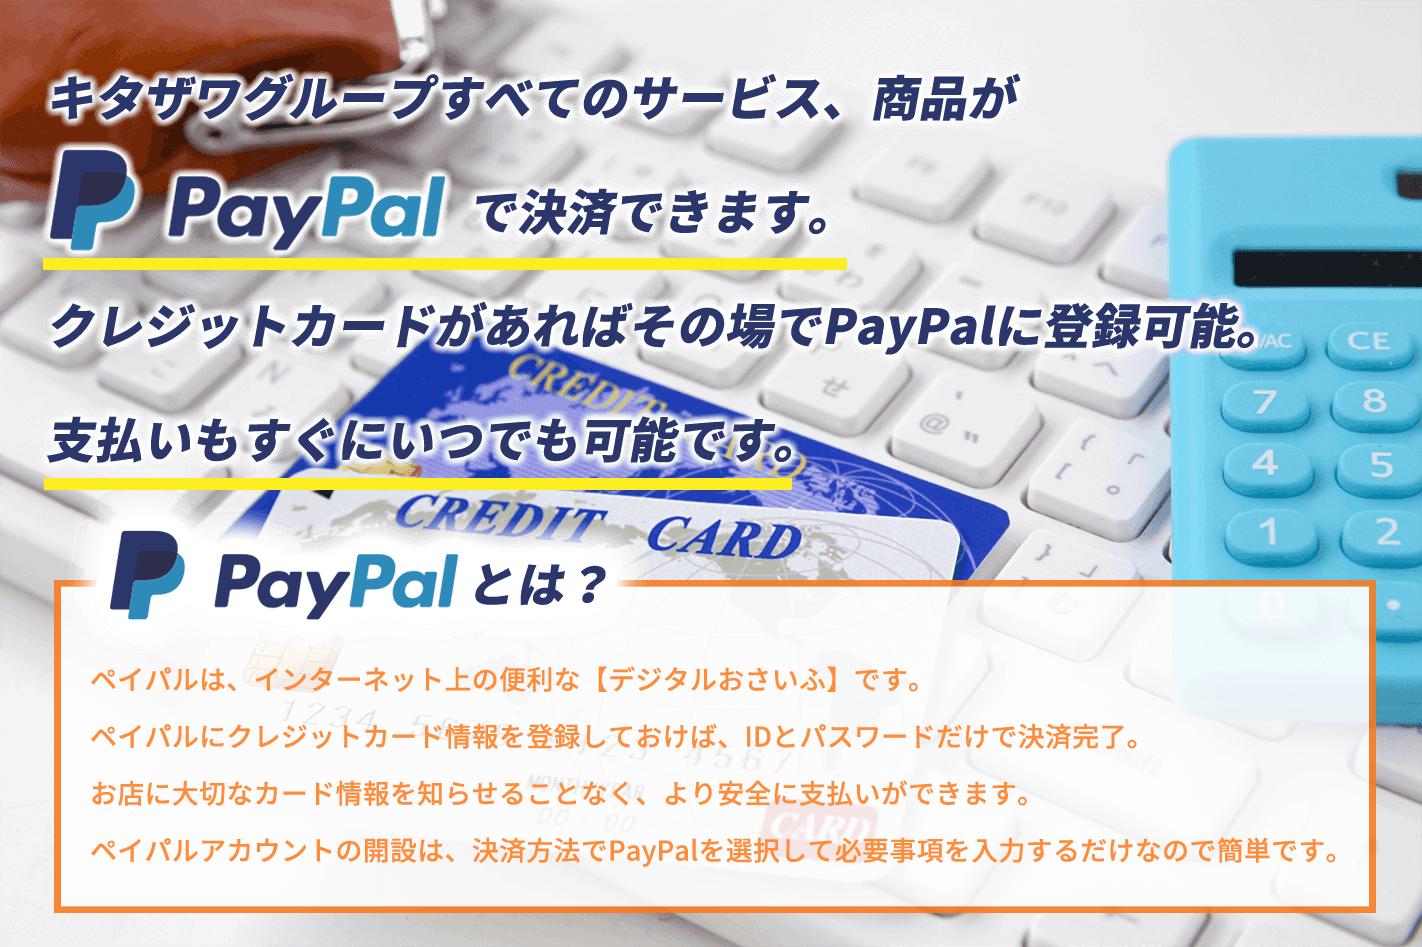 キタザワグループすべてのサービス、商品がPayPalで決済できます。クレジットカードがあればその場でPayPalに登録可能。支払いもすぐにいつでも可能です。ペイパルは、インターネット上の便利な【デジタルおさいふ】です。ペイパルにクレジットカード情報を登録しておけば、IDとパスワードだけで決済完了。お店に大切なカード情報を知らせることなく、より安全に支払いができます。ペイパルアカウントの開設は、決済方法でPayPalを選択して必要事項を入力するだけなので簡単です。